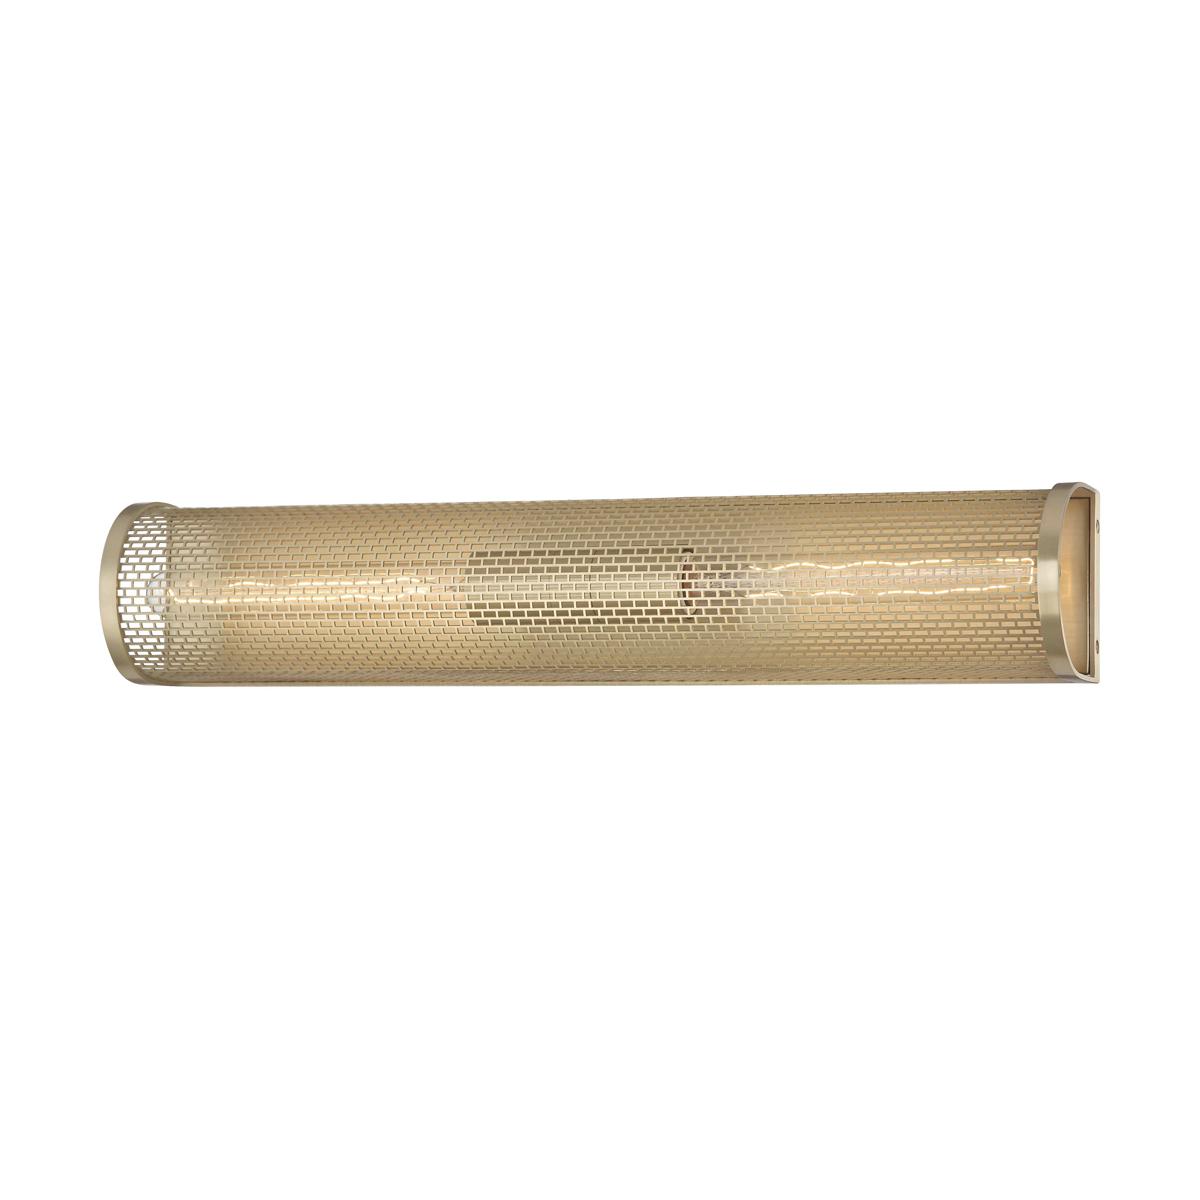 Kinkiet Britt 11,4×59 cm Miloo Home HVL-H151102-AGB-CE